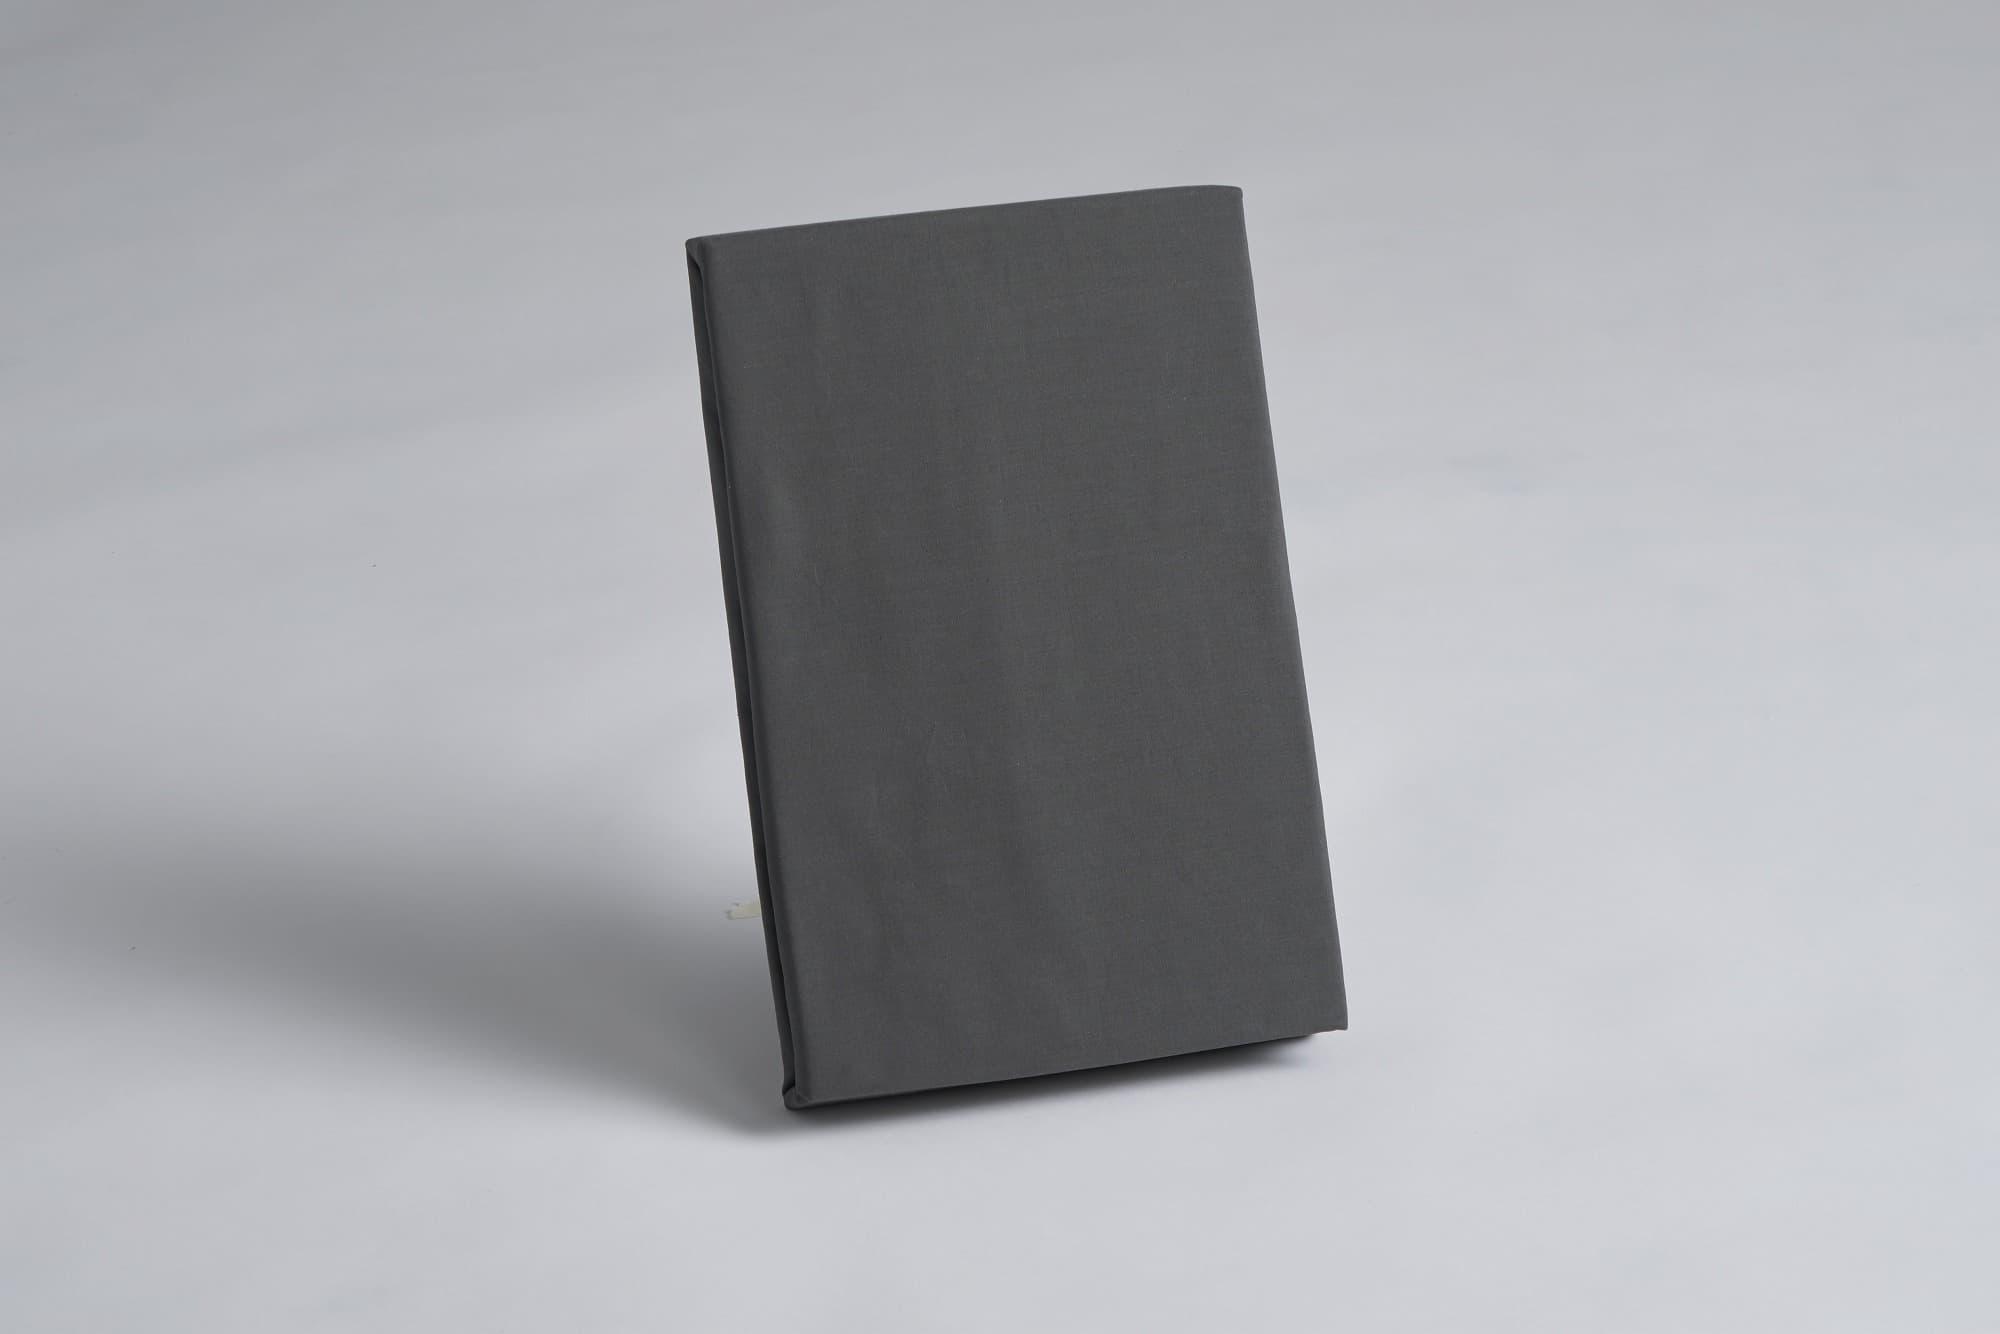 ボックスシーツ クイーン1用 45H グレー:《綿100%を使用したボックスシーツ》